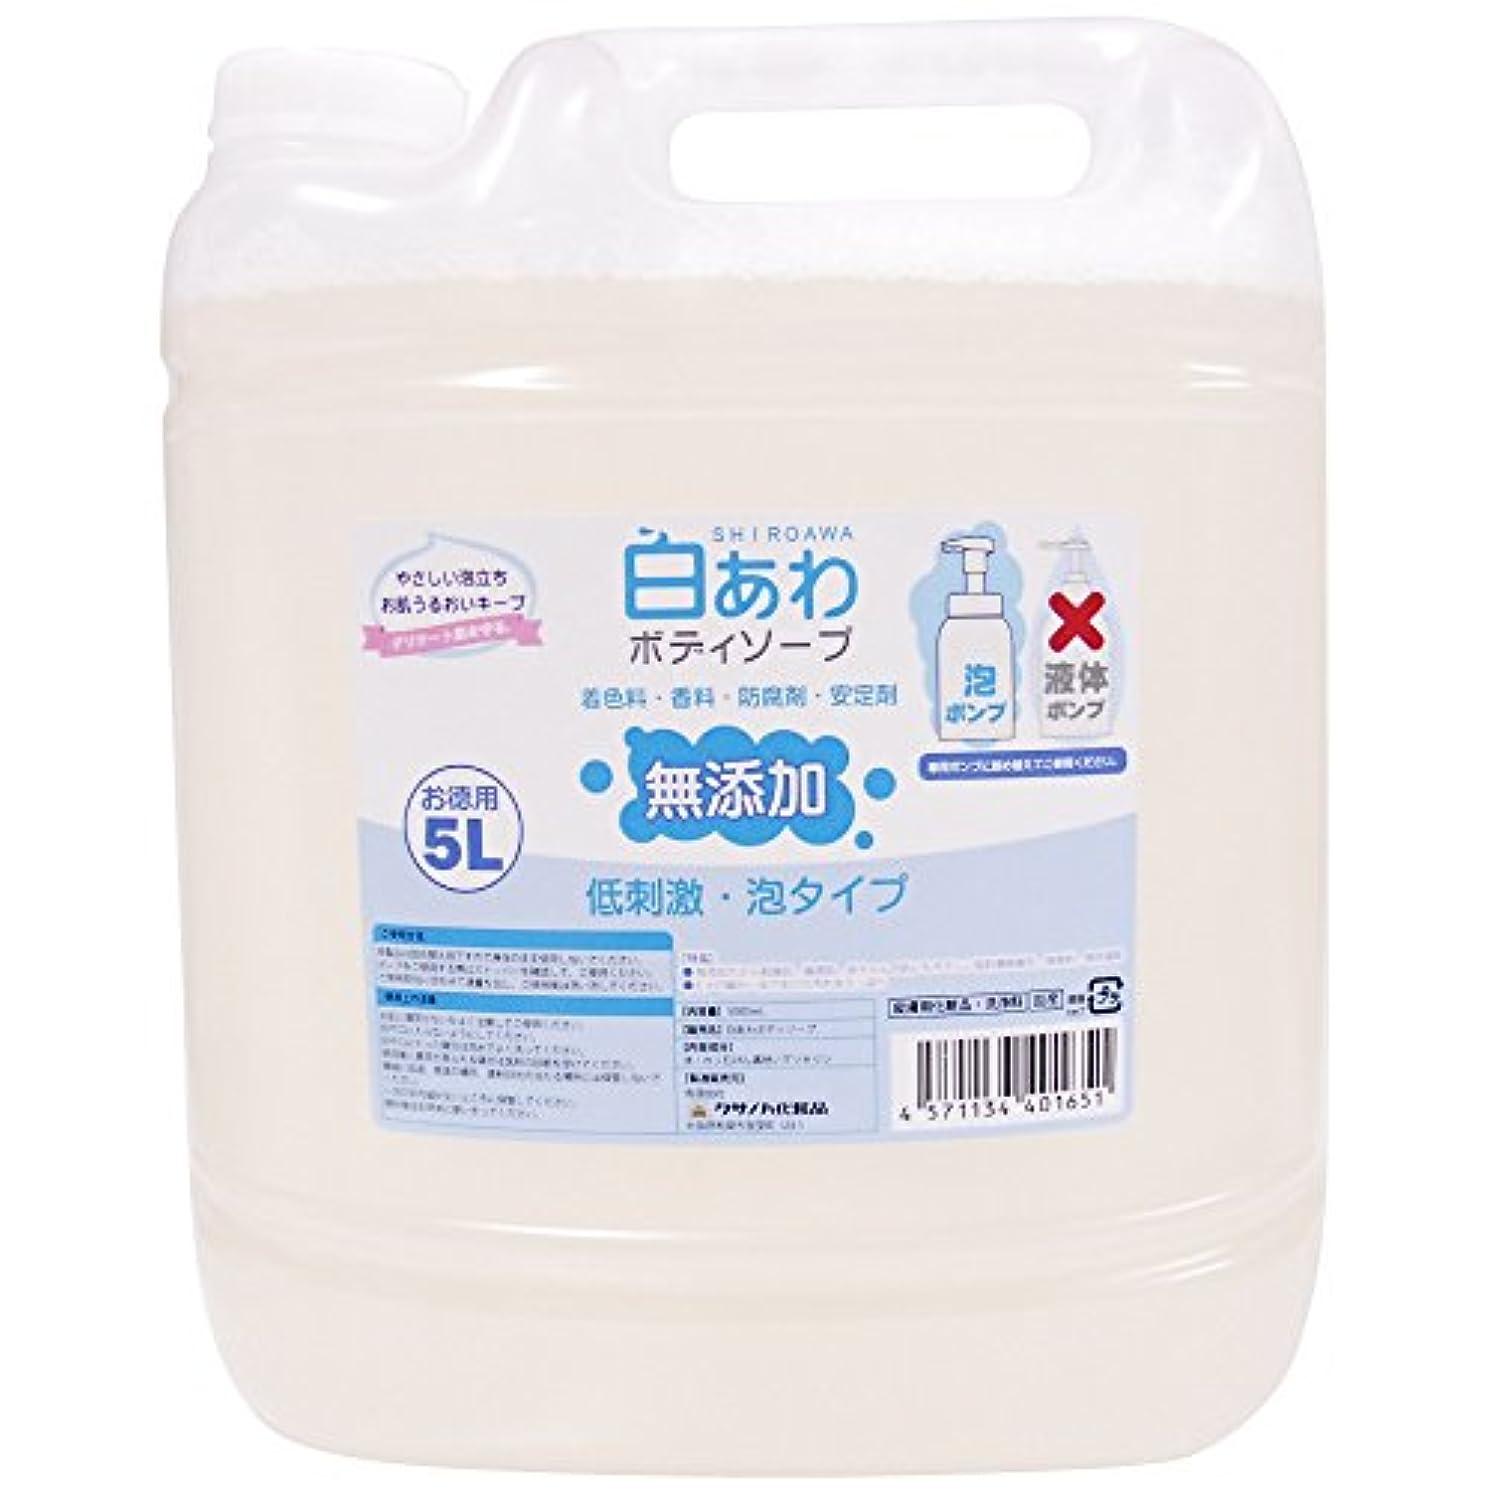 起業家レキシコン四面体【無添加】白あわボディソープ 詰替用 5L